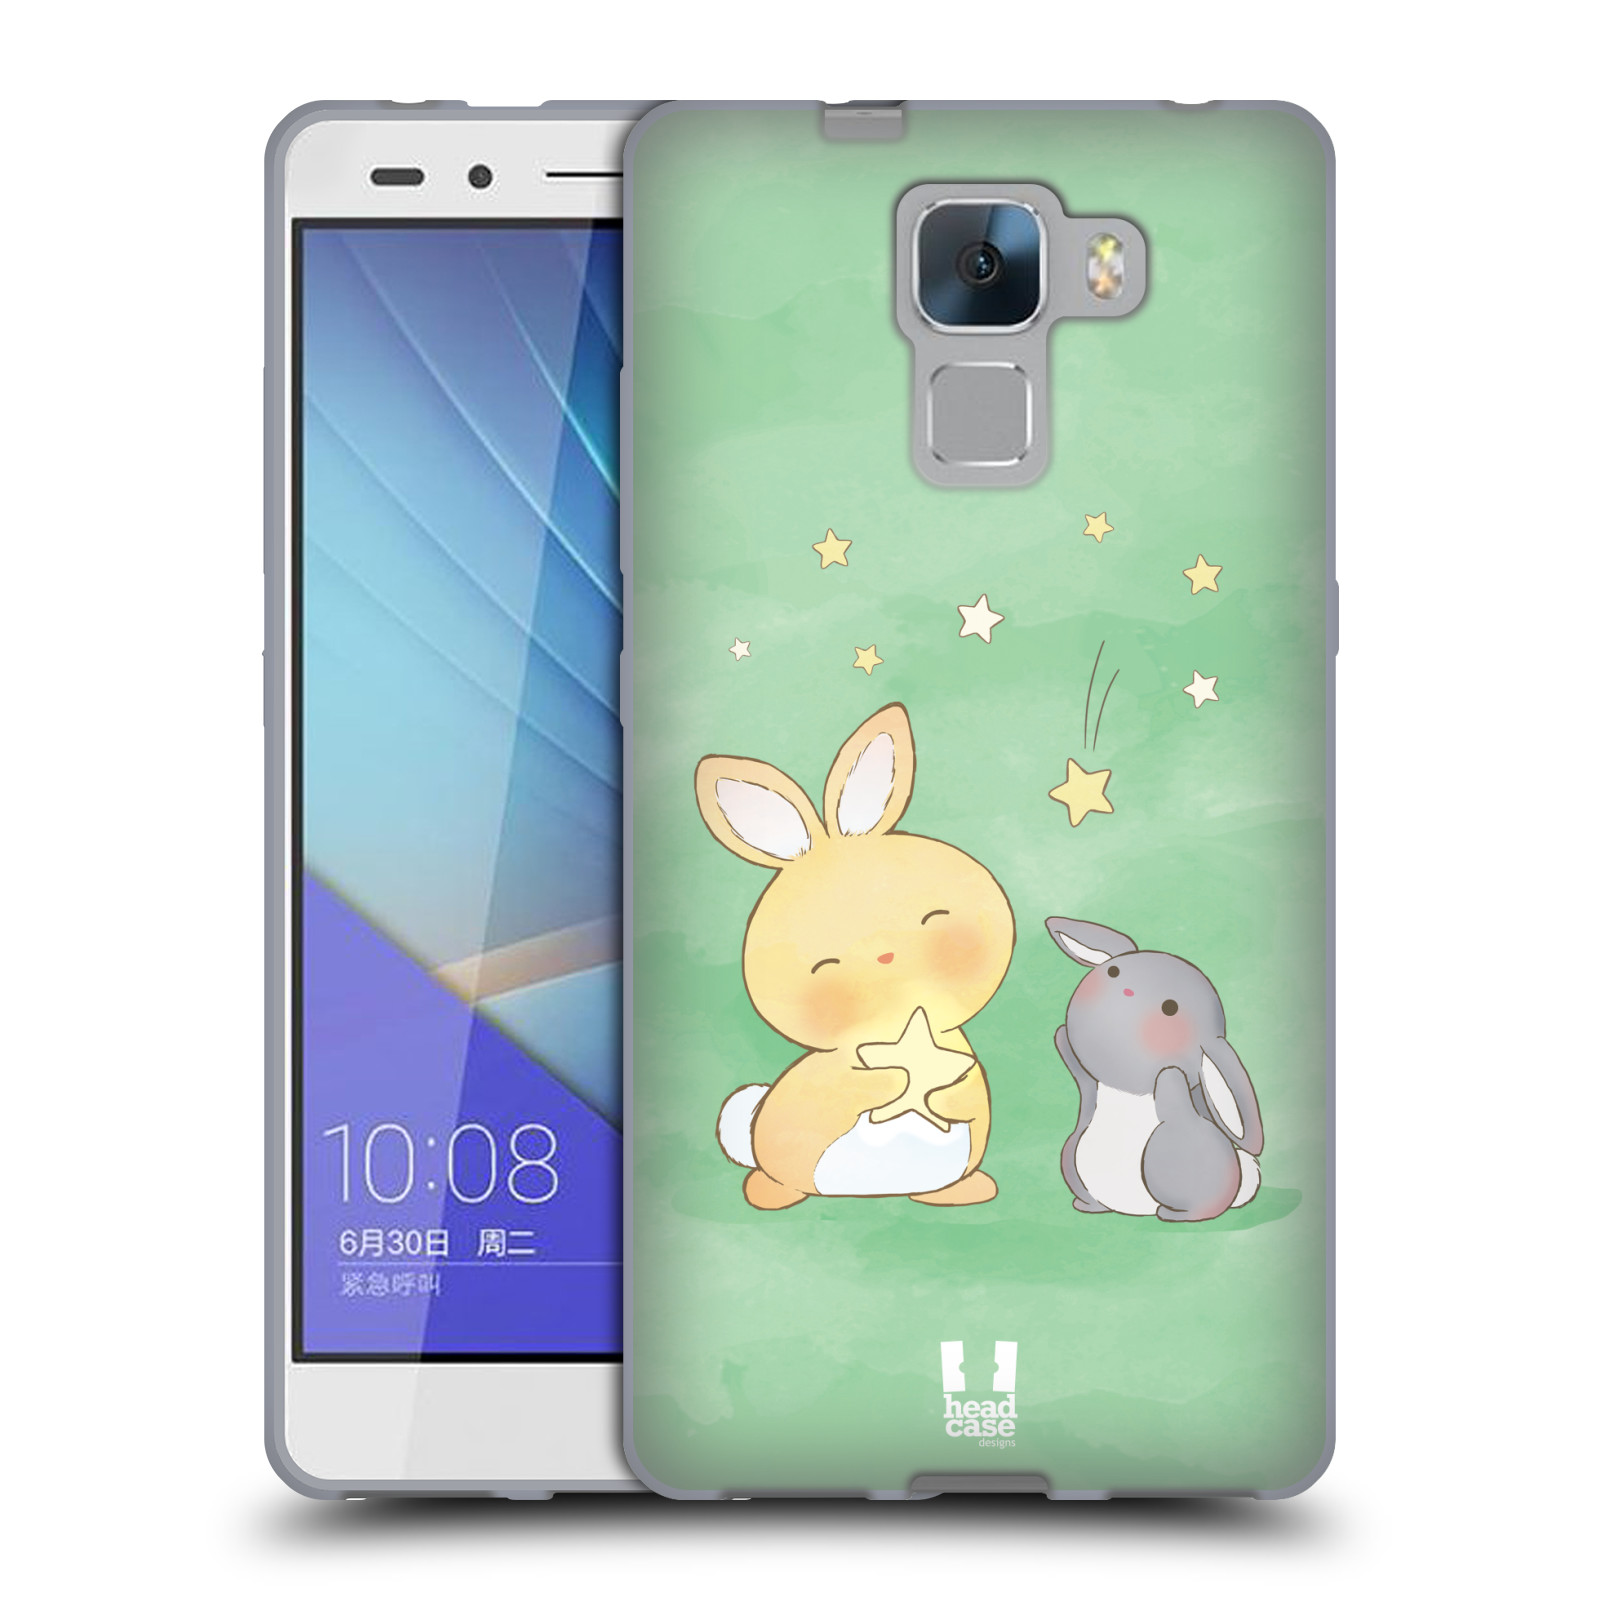 HEAD CASE silikonový obal na mobil HUAWEI HONOR 7 vzor králíček a hvězdy zelená